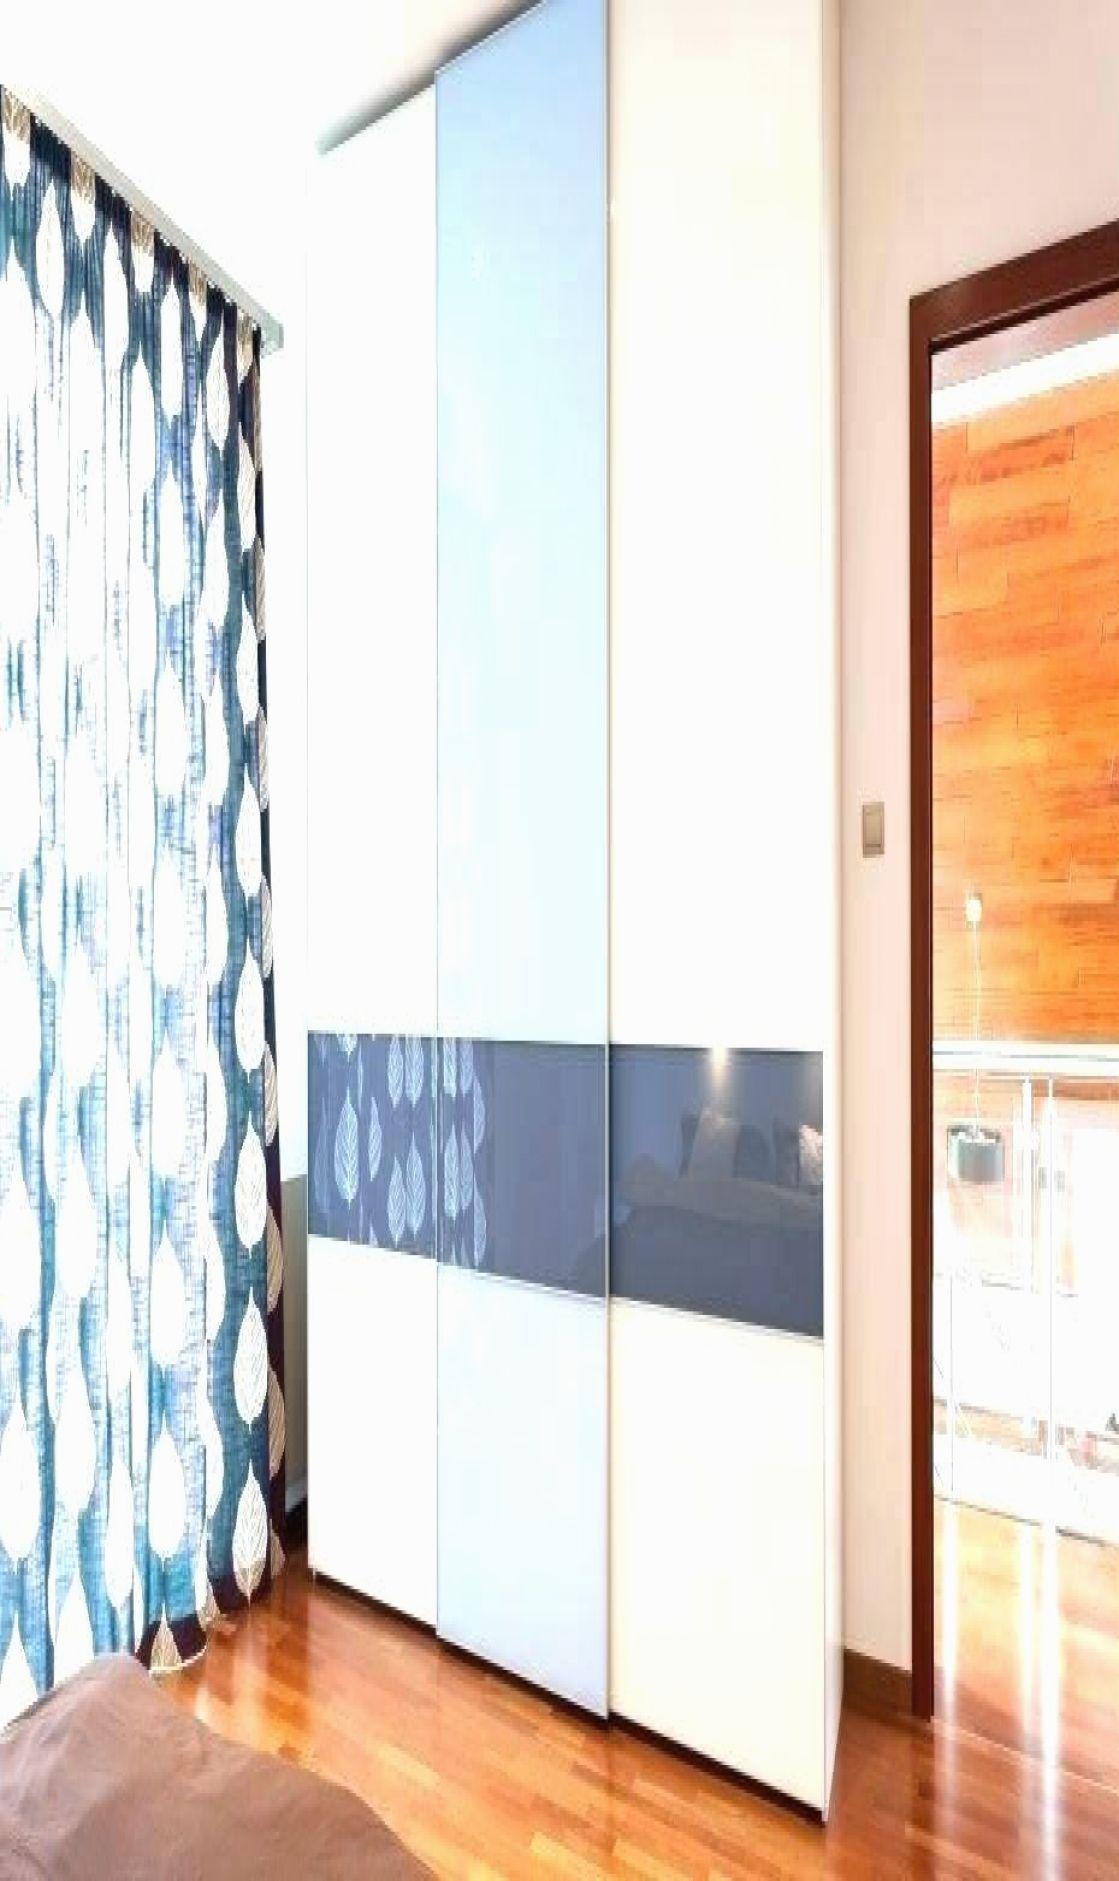 Schrank Gebraucht Ebay In 2020 Schrank Design Luxusschlafzimmer Schrank